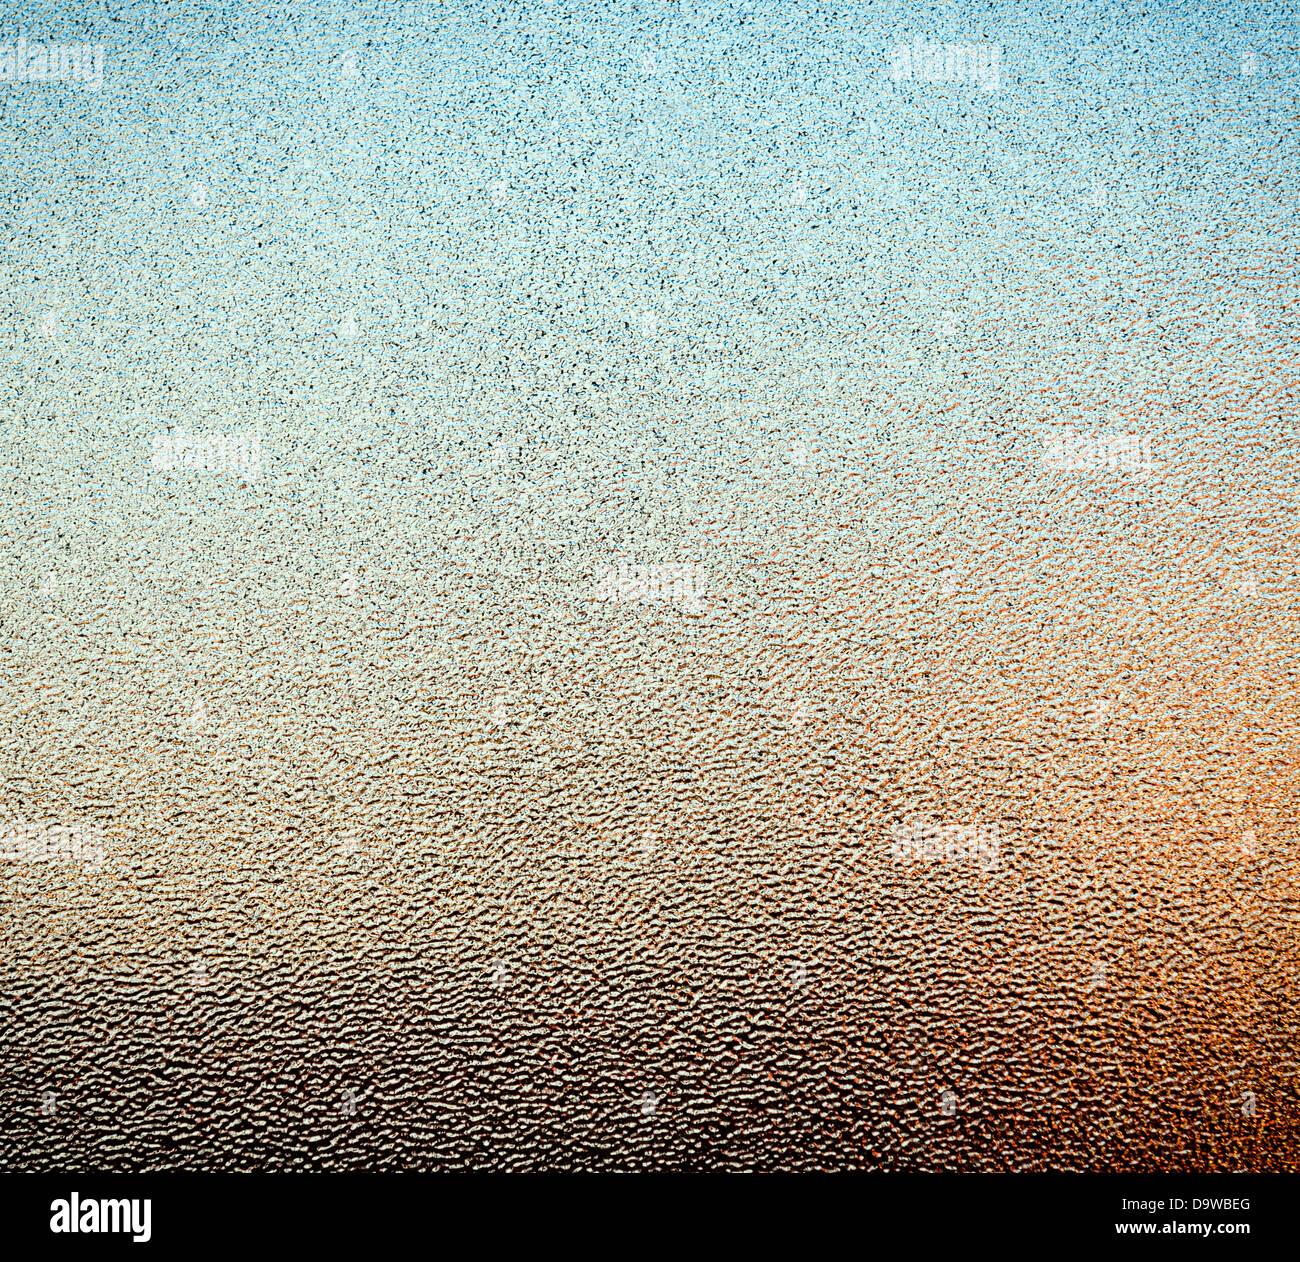 Abstract di vetro puntinata vetro con colori ambiente dall'esterno come texture di sfondo Immagini Stock